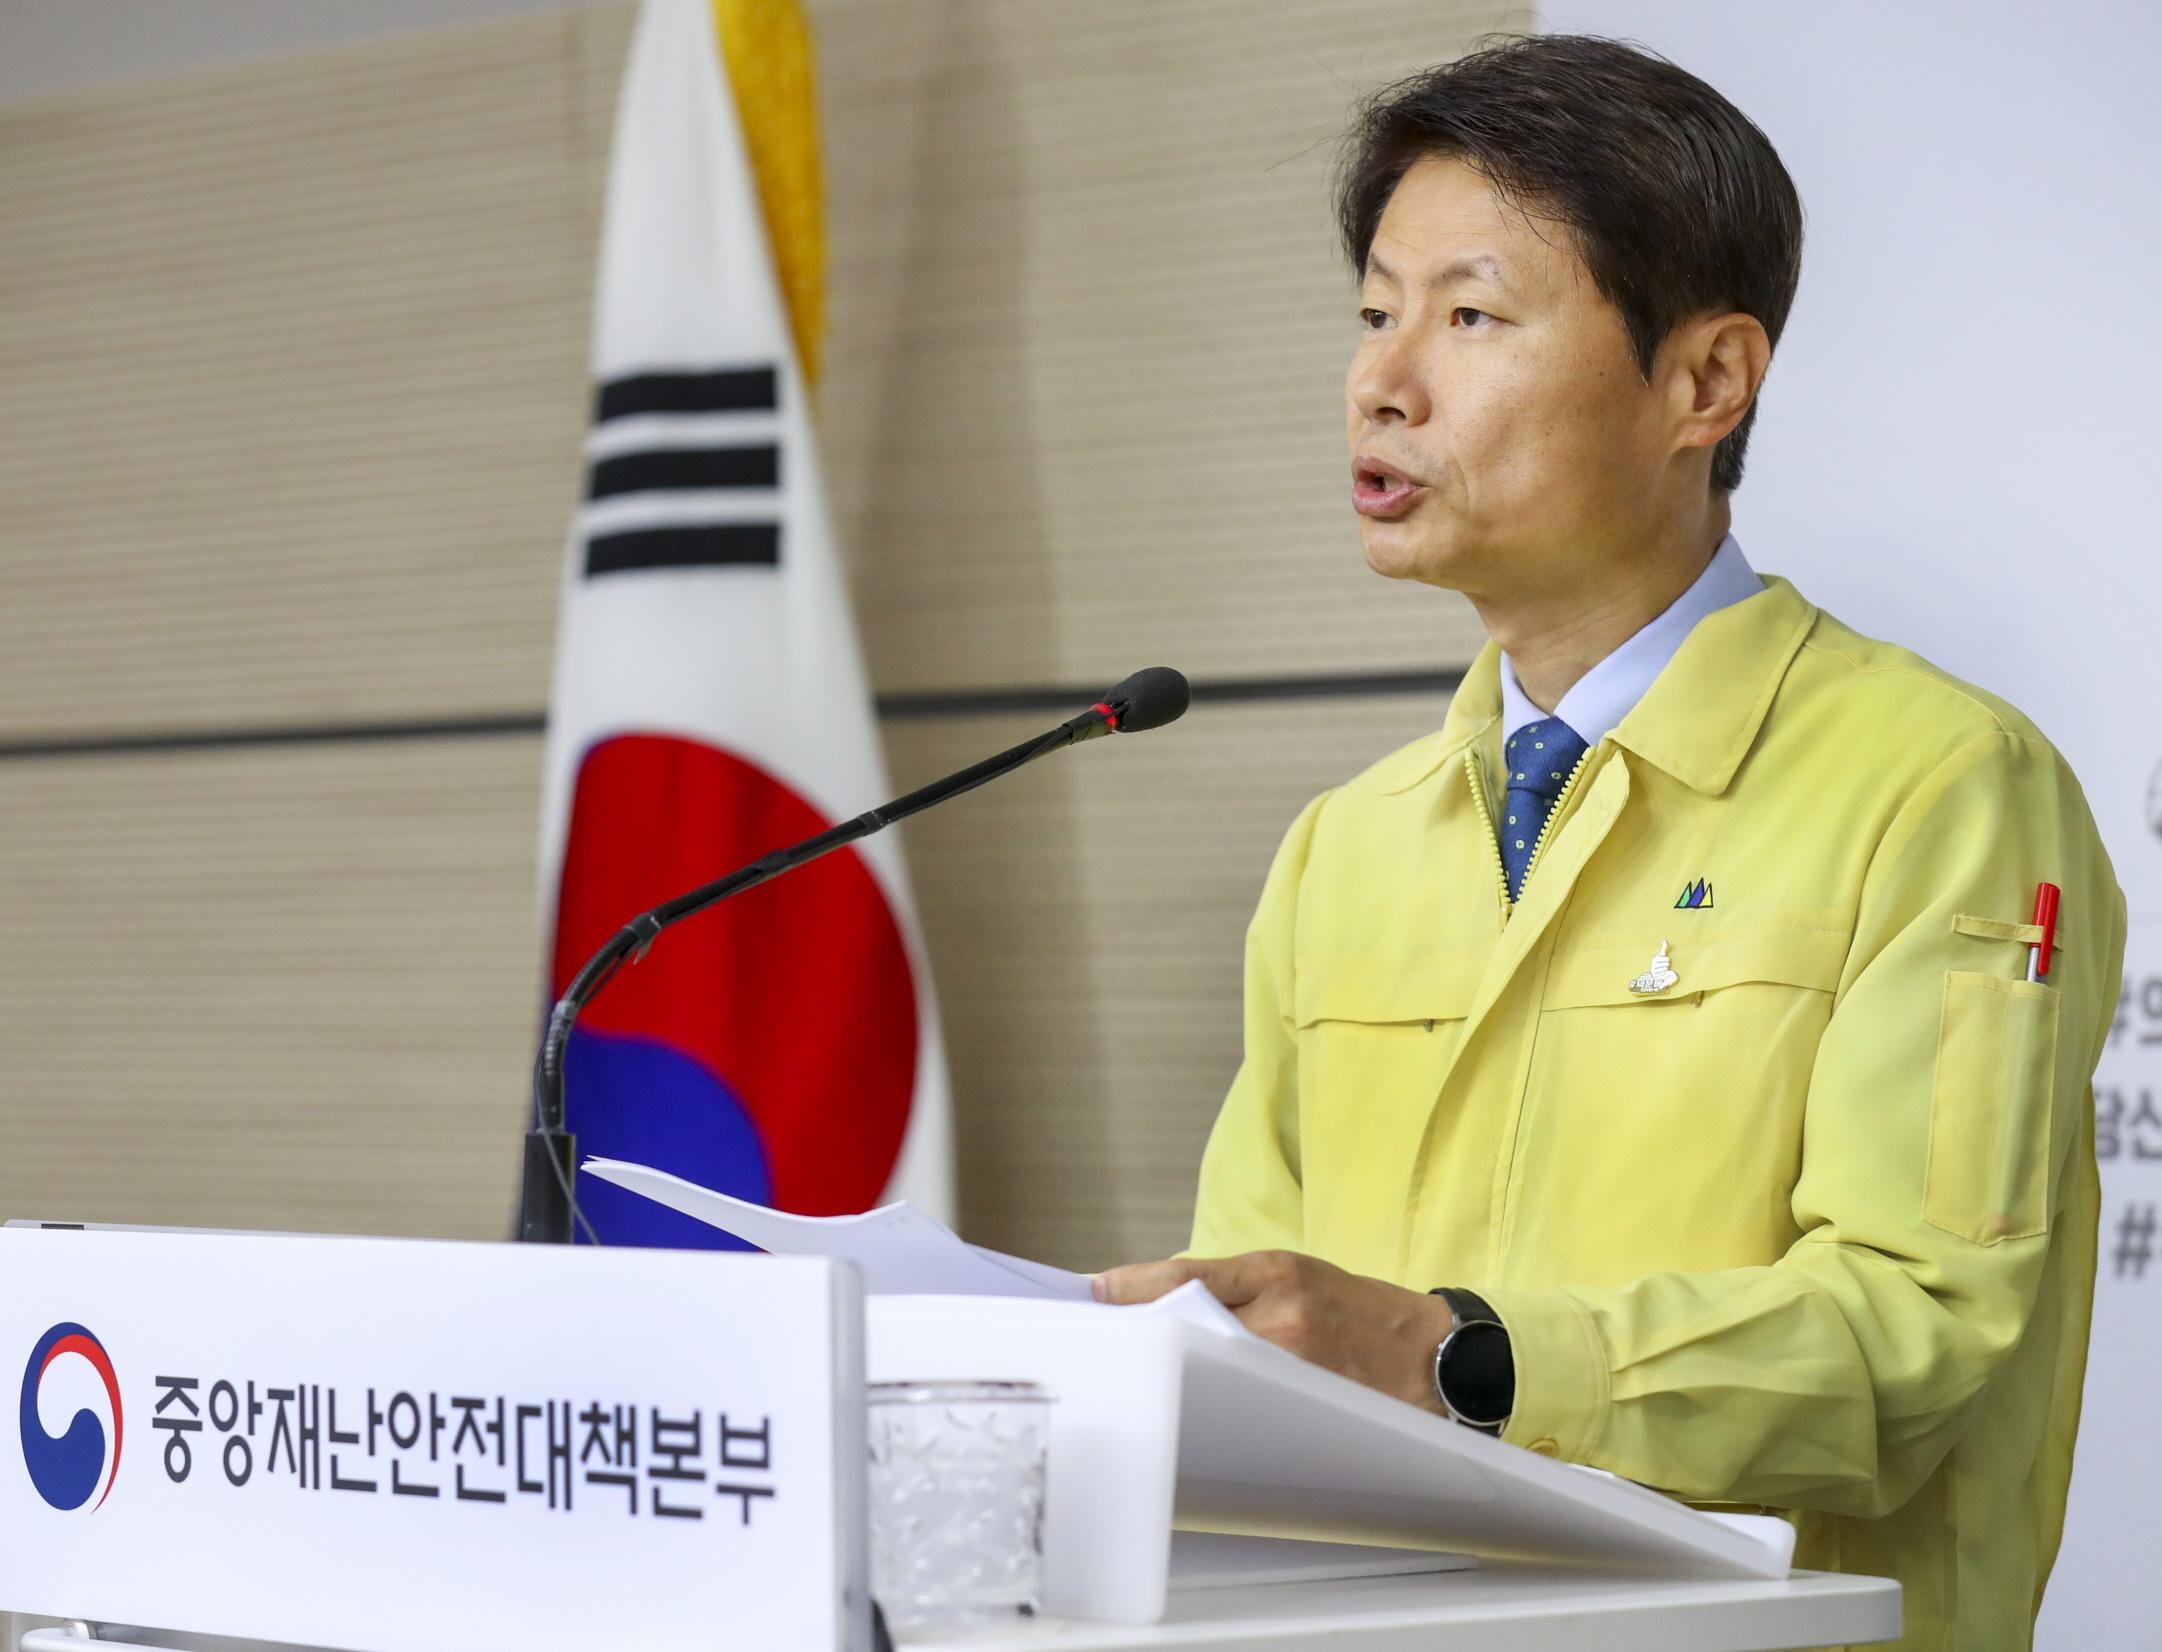 김강립 중앙재난안전대책본부 1총괄조정관 브리핑